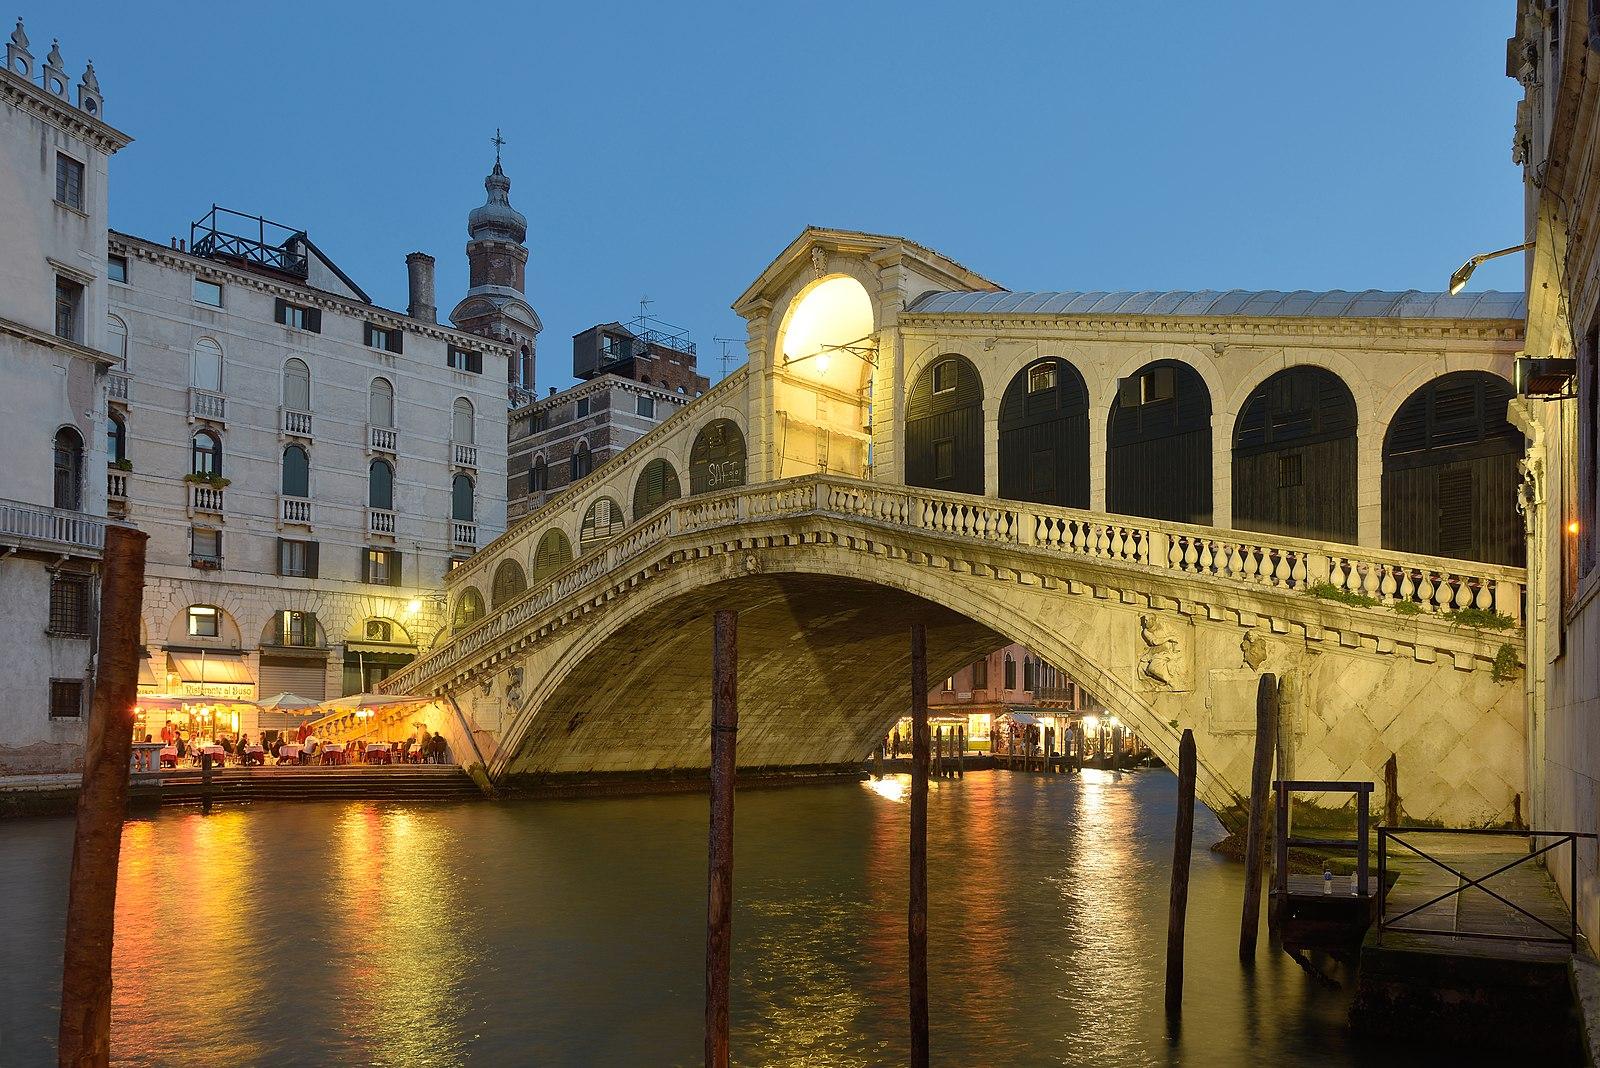 довольно прочный мост риальто в венеции фото улице тихо, спокойно